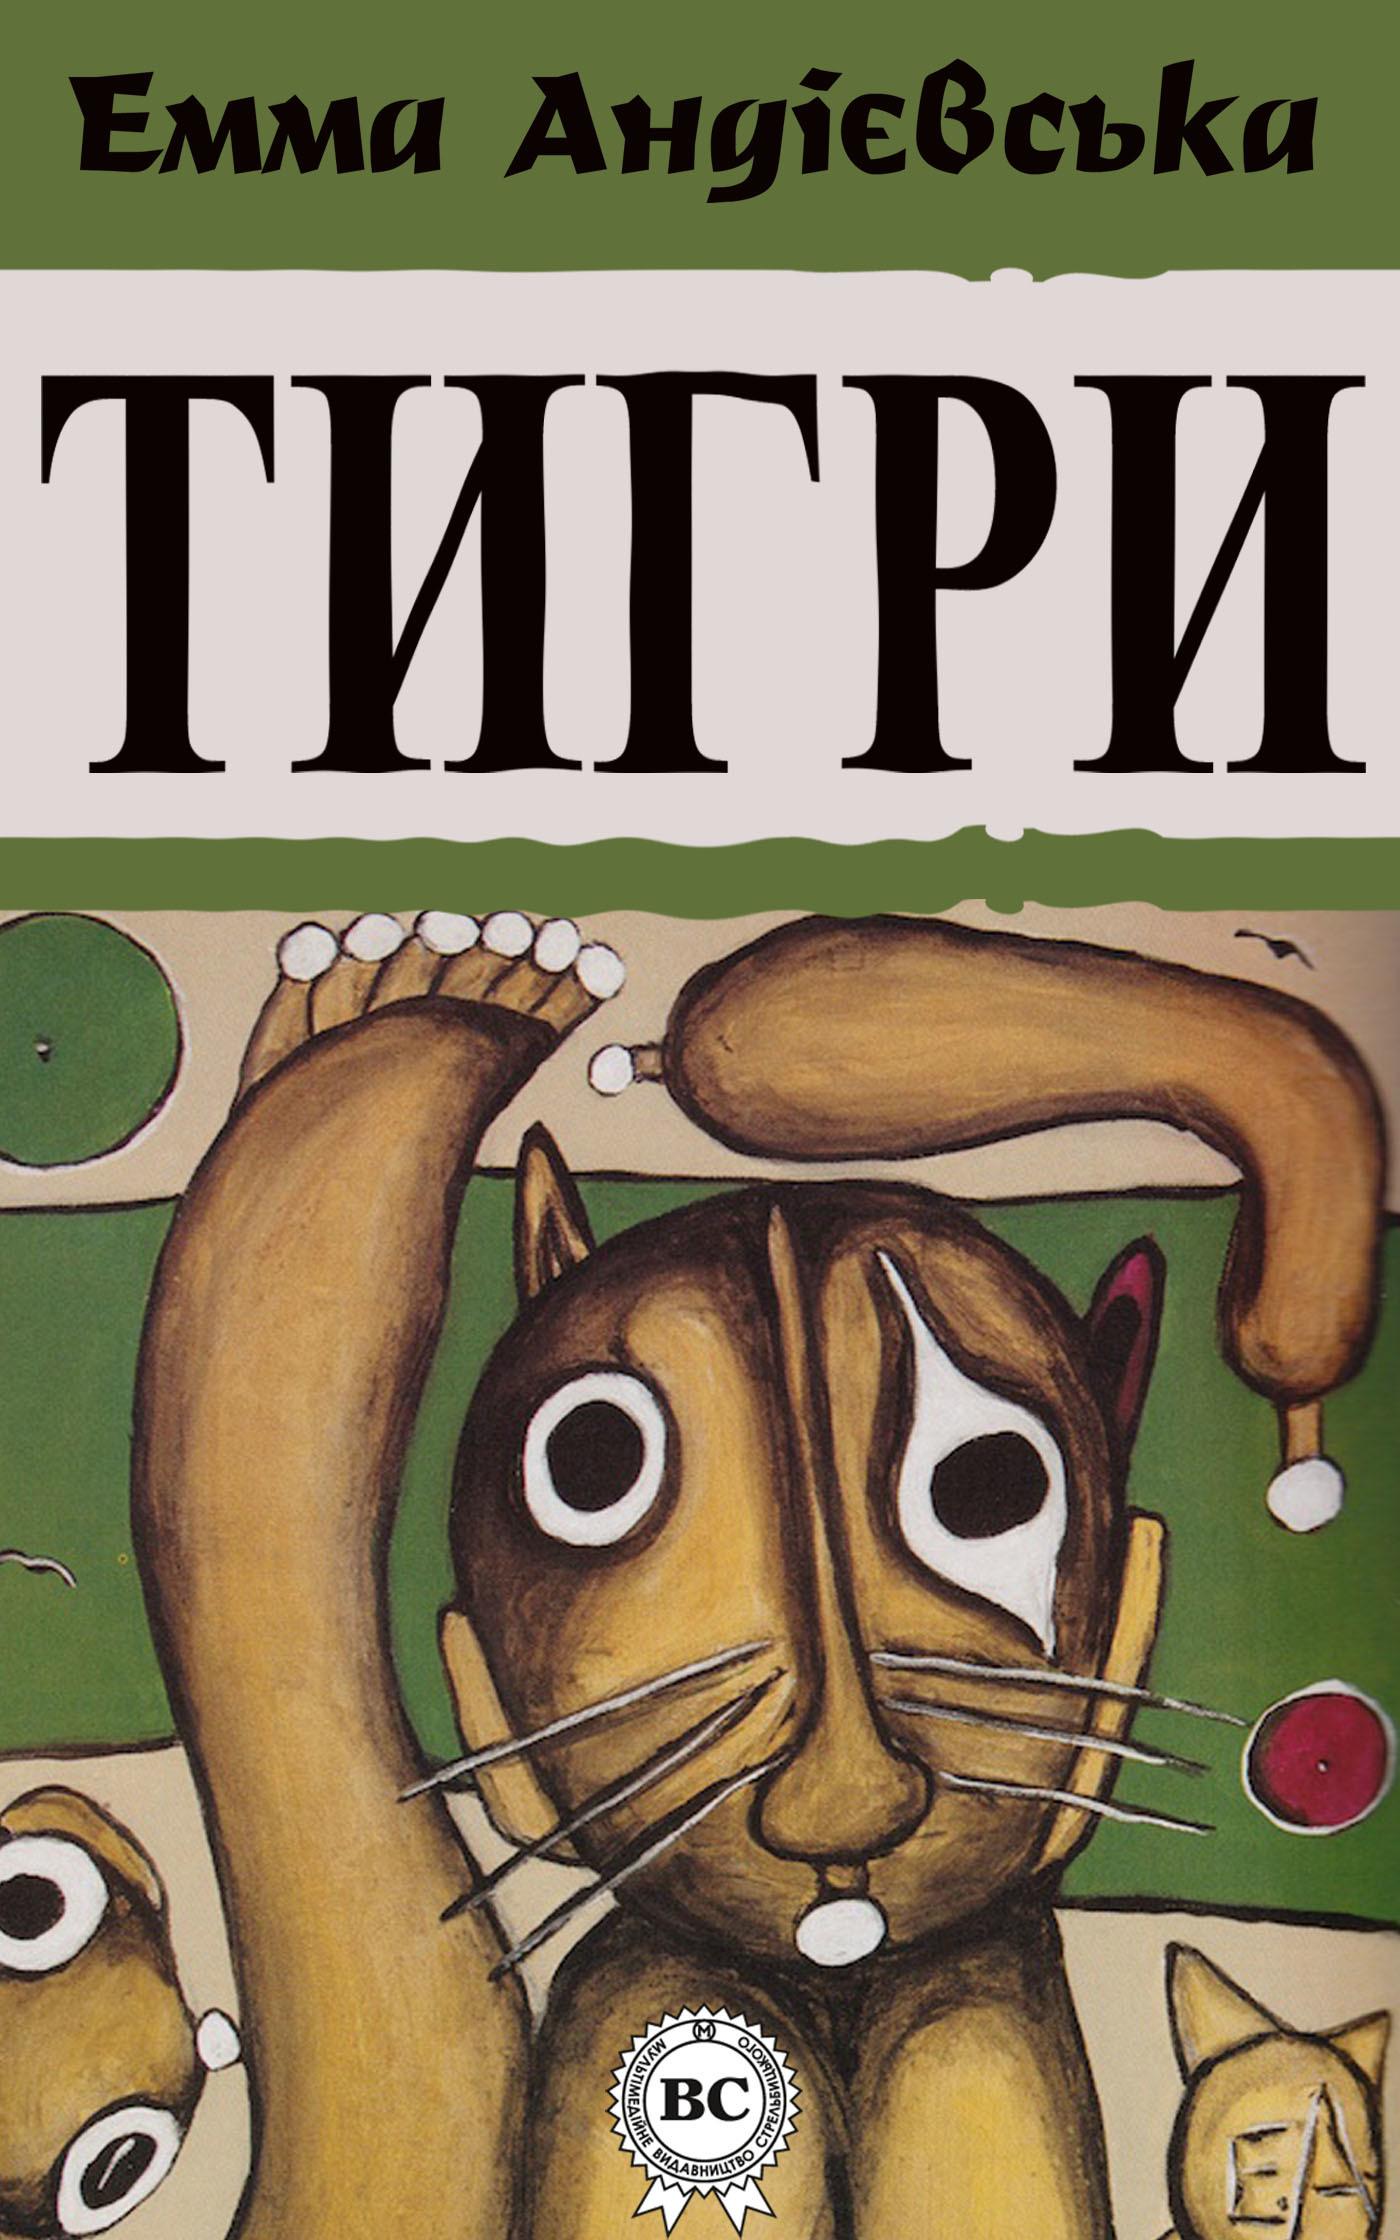 Тигри ( Емма Андієвська  )